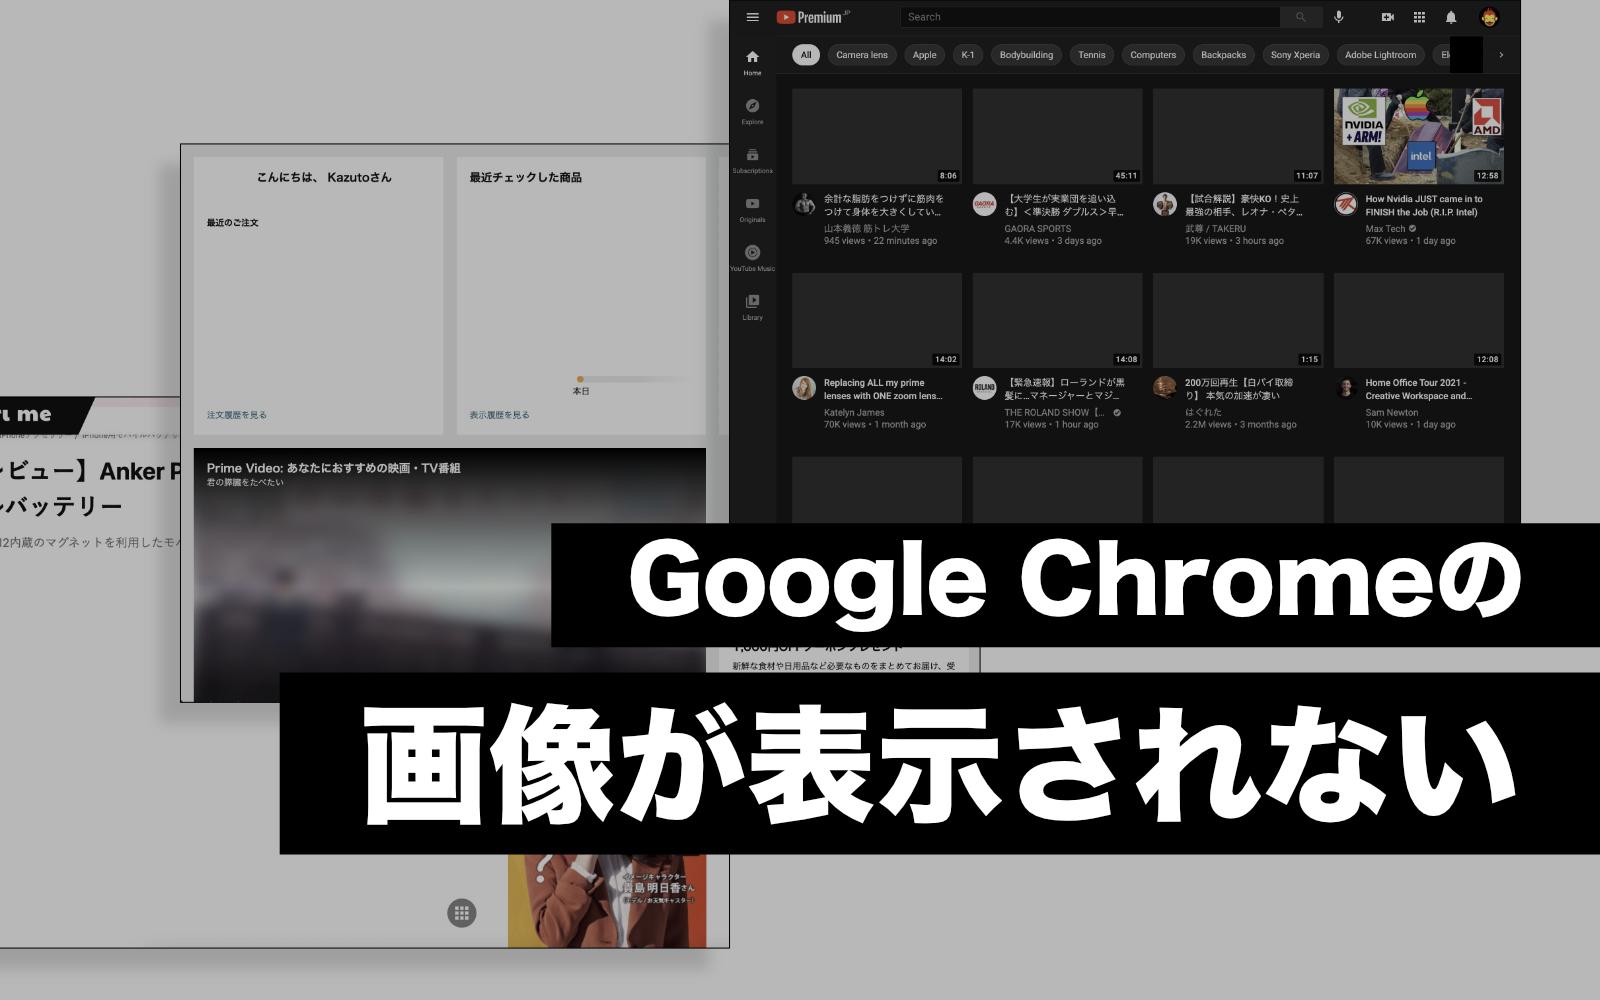 Google-Chrome-Image-Error.jpg